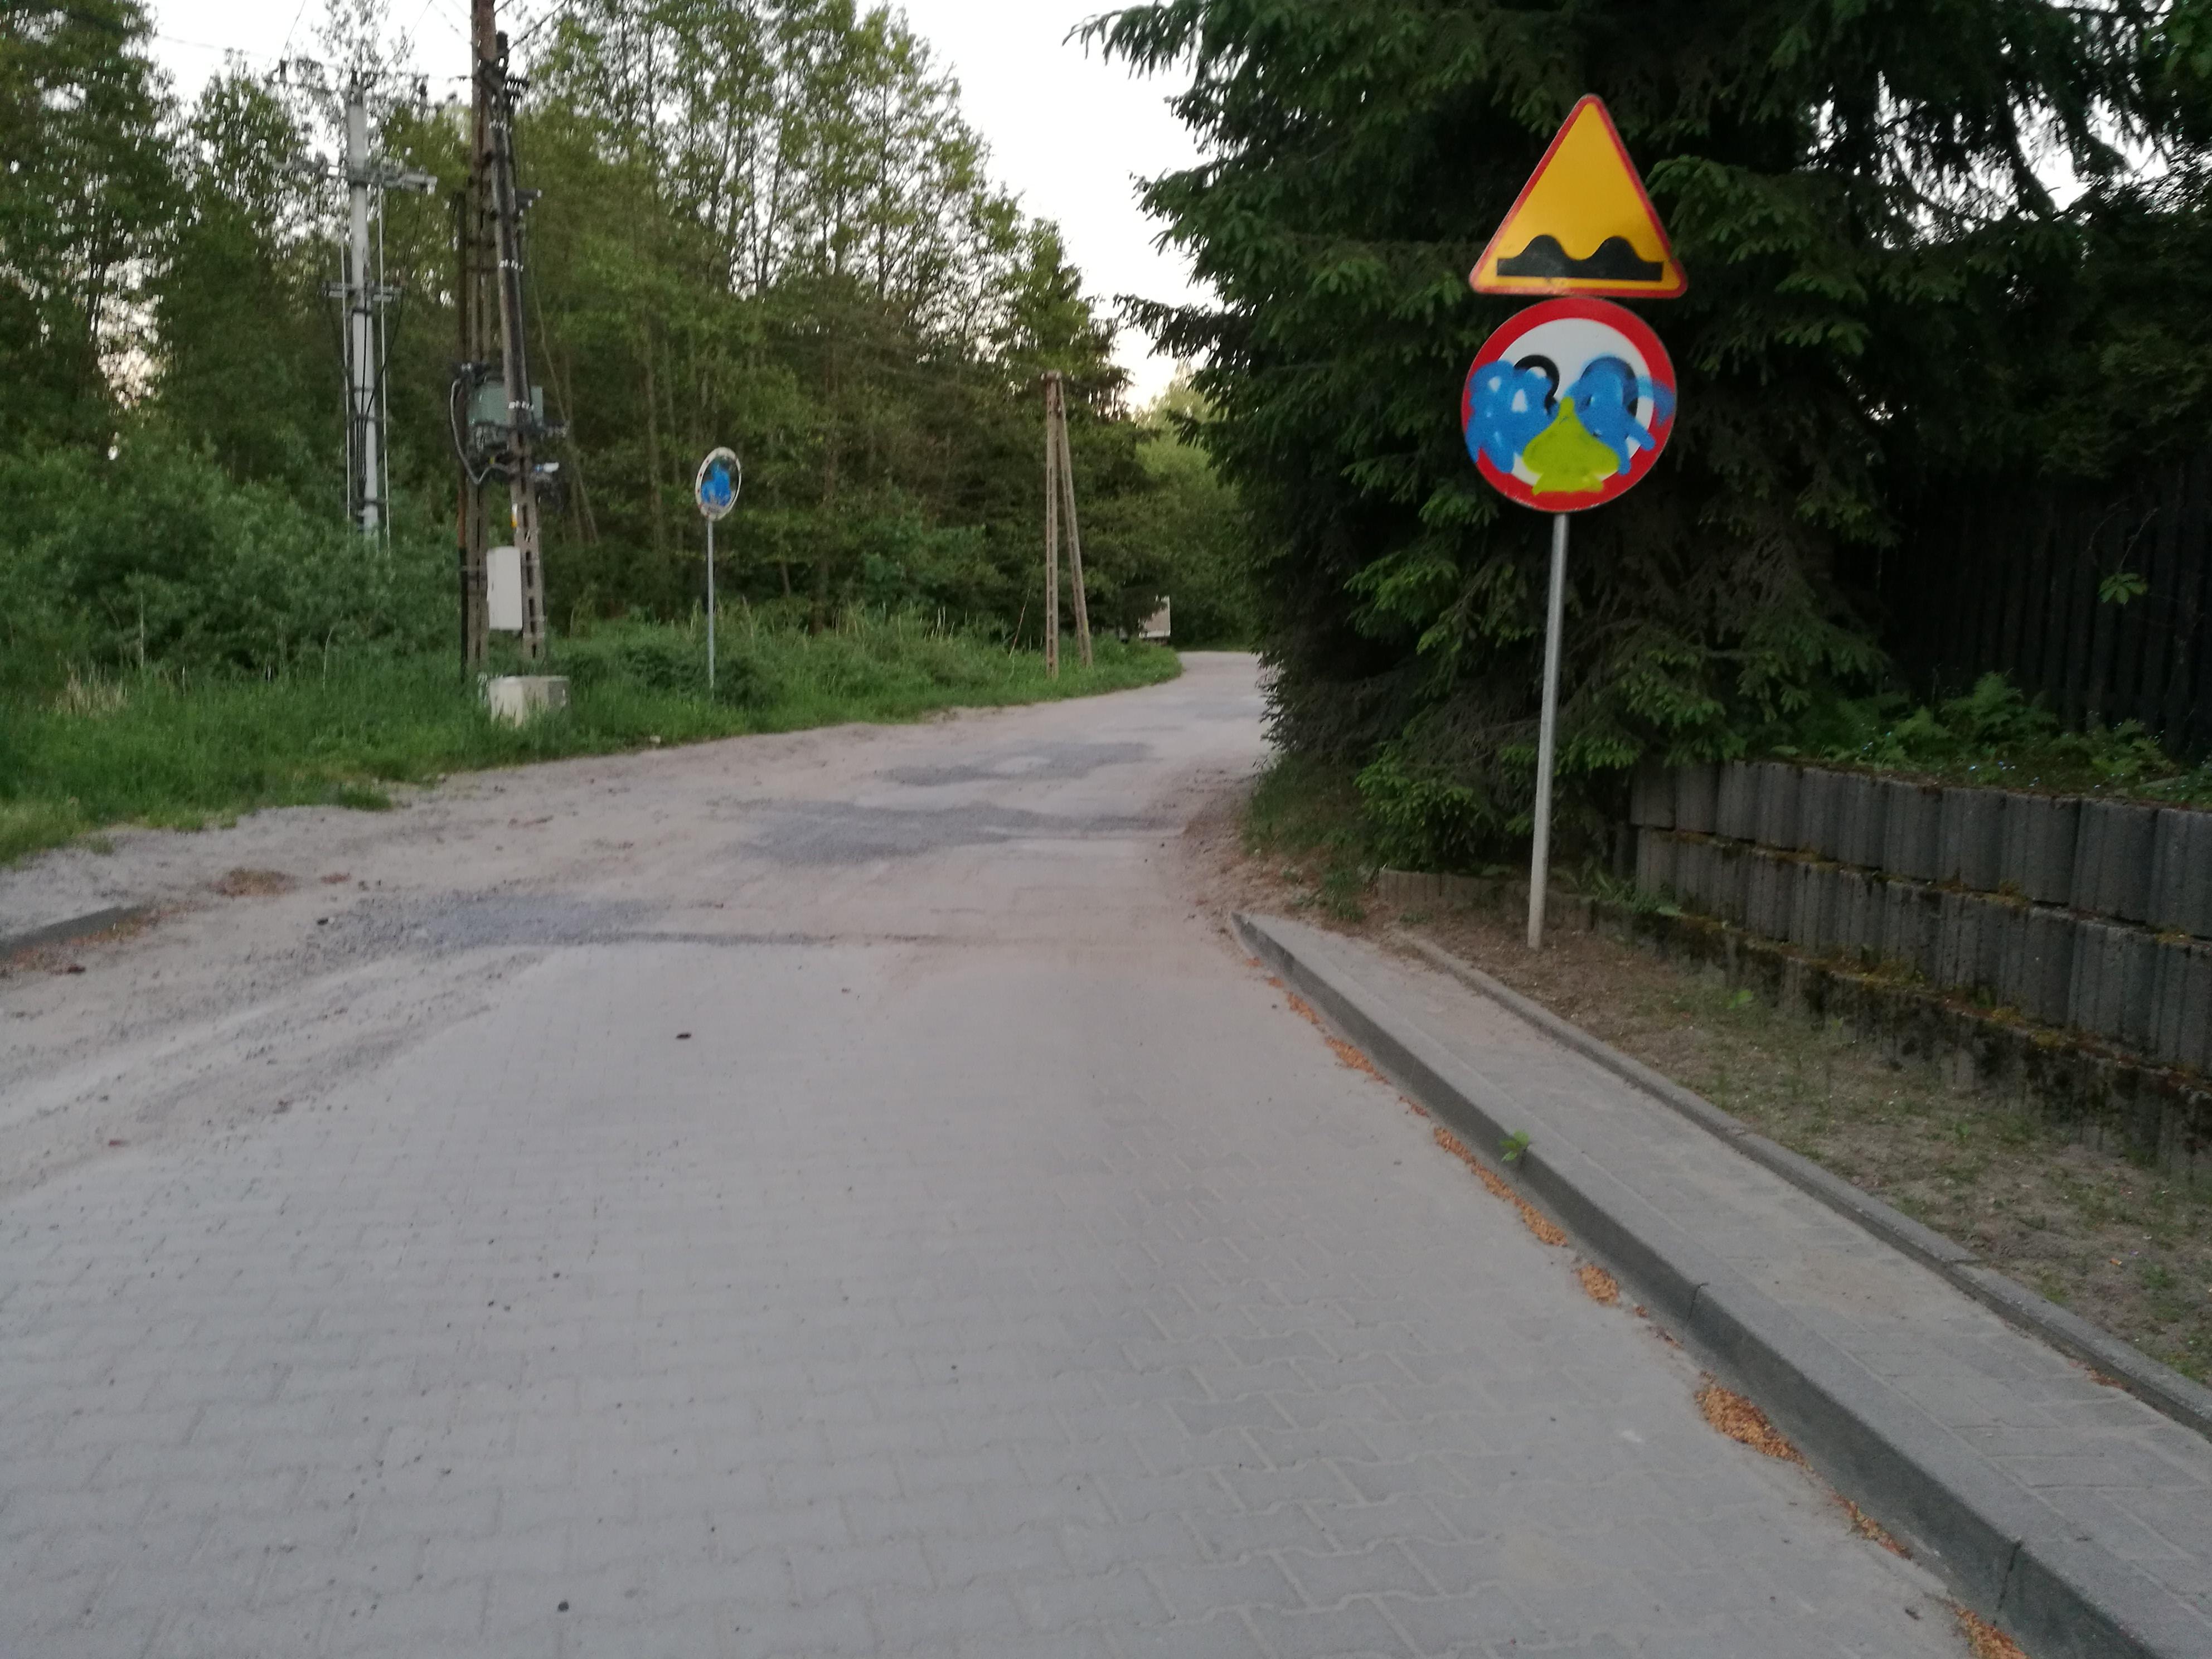 Bezpieczny Olsztyn - przed